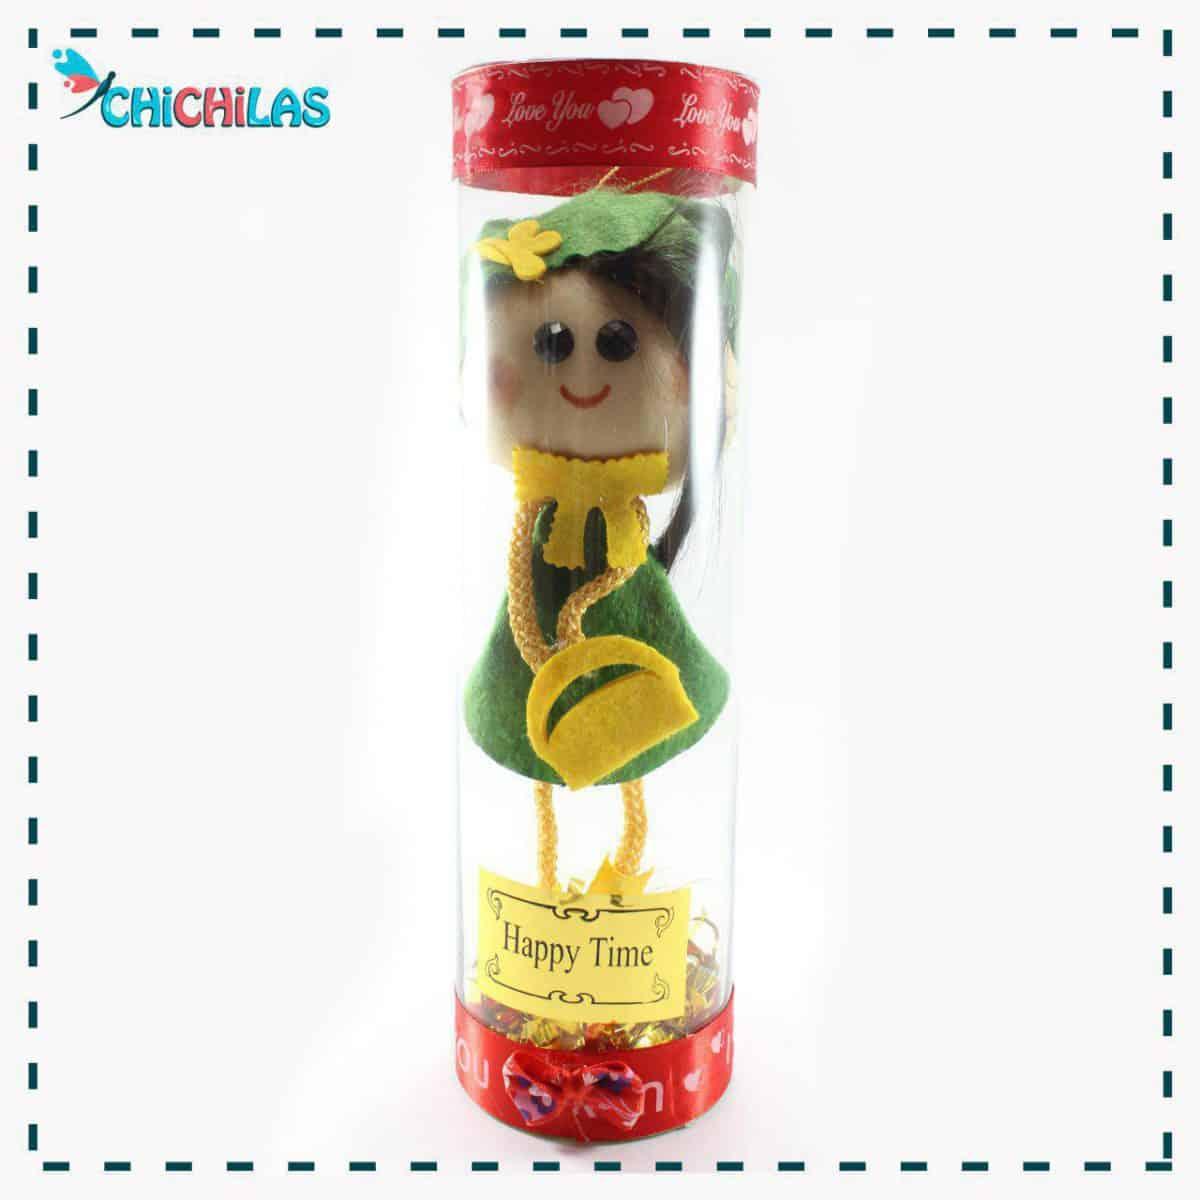 چیچیلاس - عروسک نمدی - عروسک دختر نمدی - عروسک نمدی دختر - عروسک نمدی جدید - عروسک نمدی فانتزی - عروسک نمدی ساده